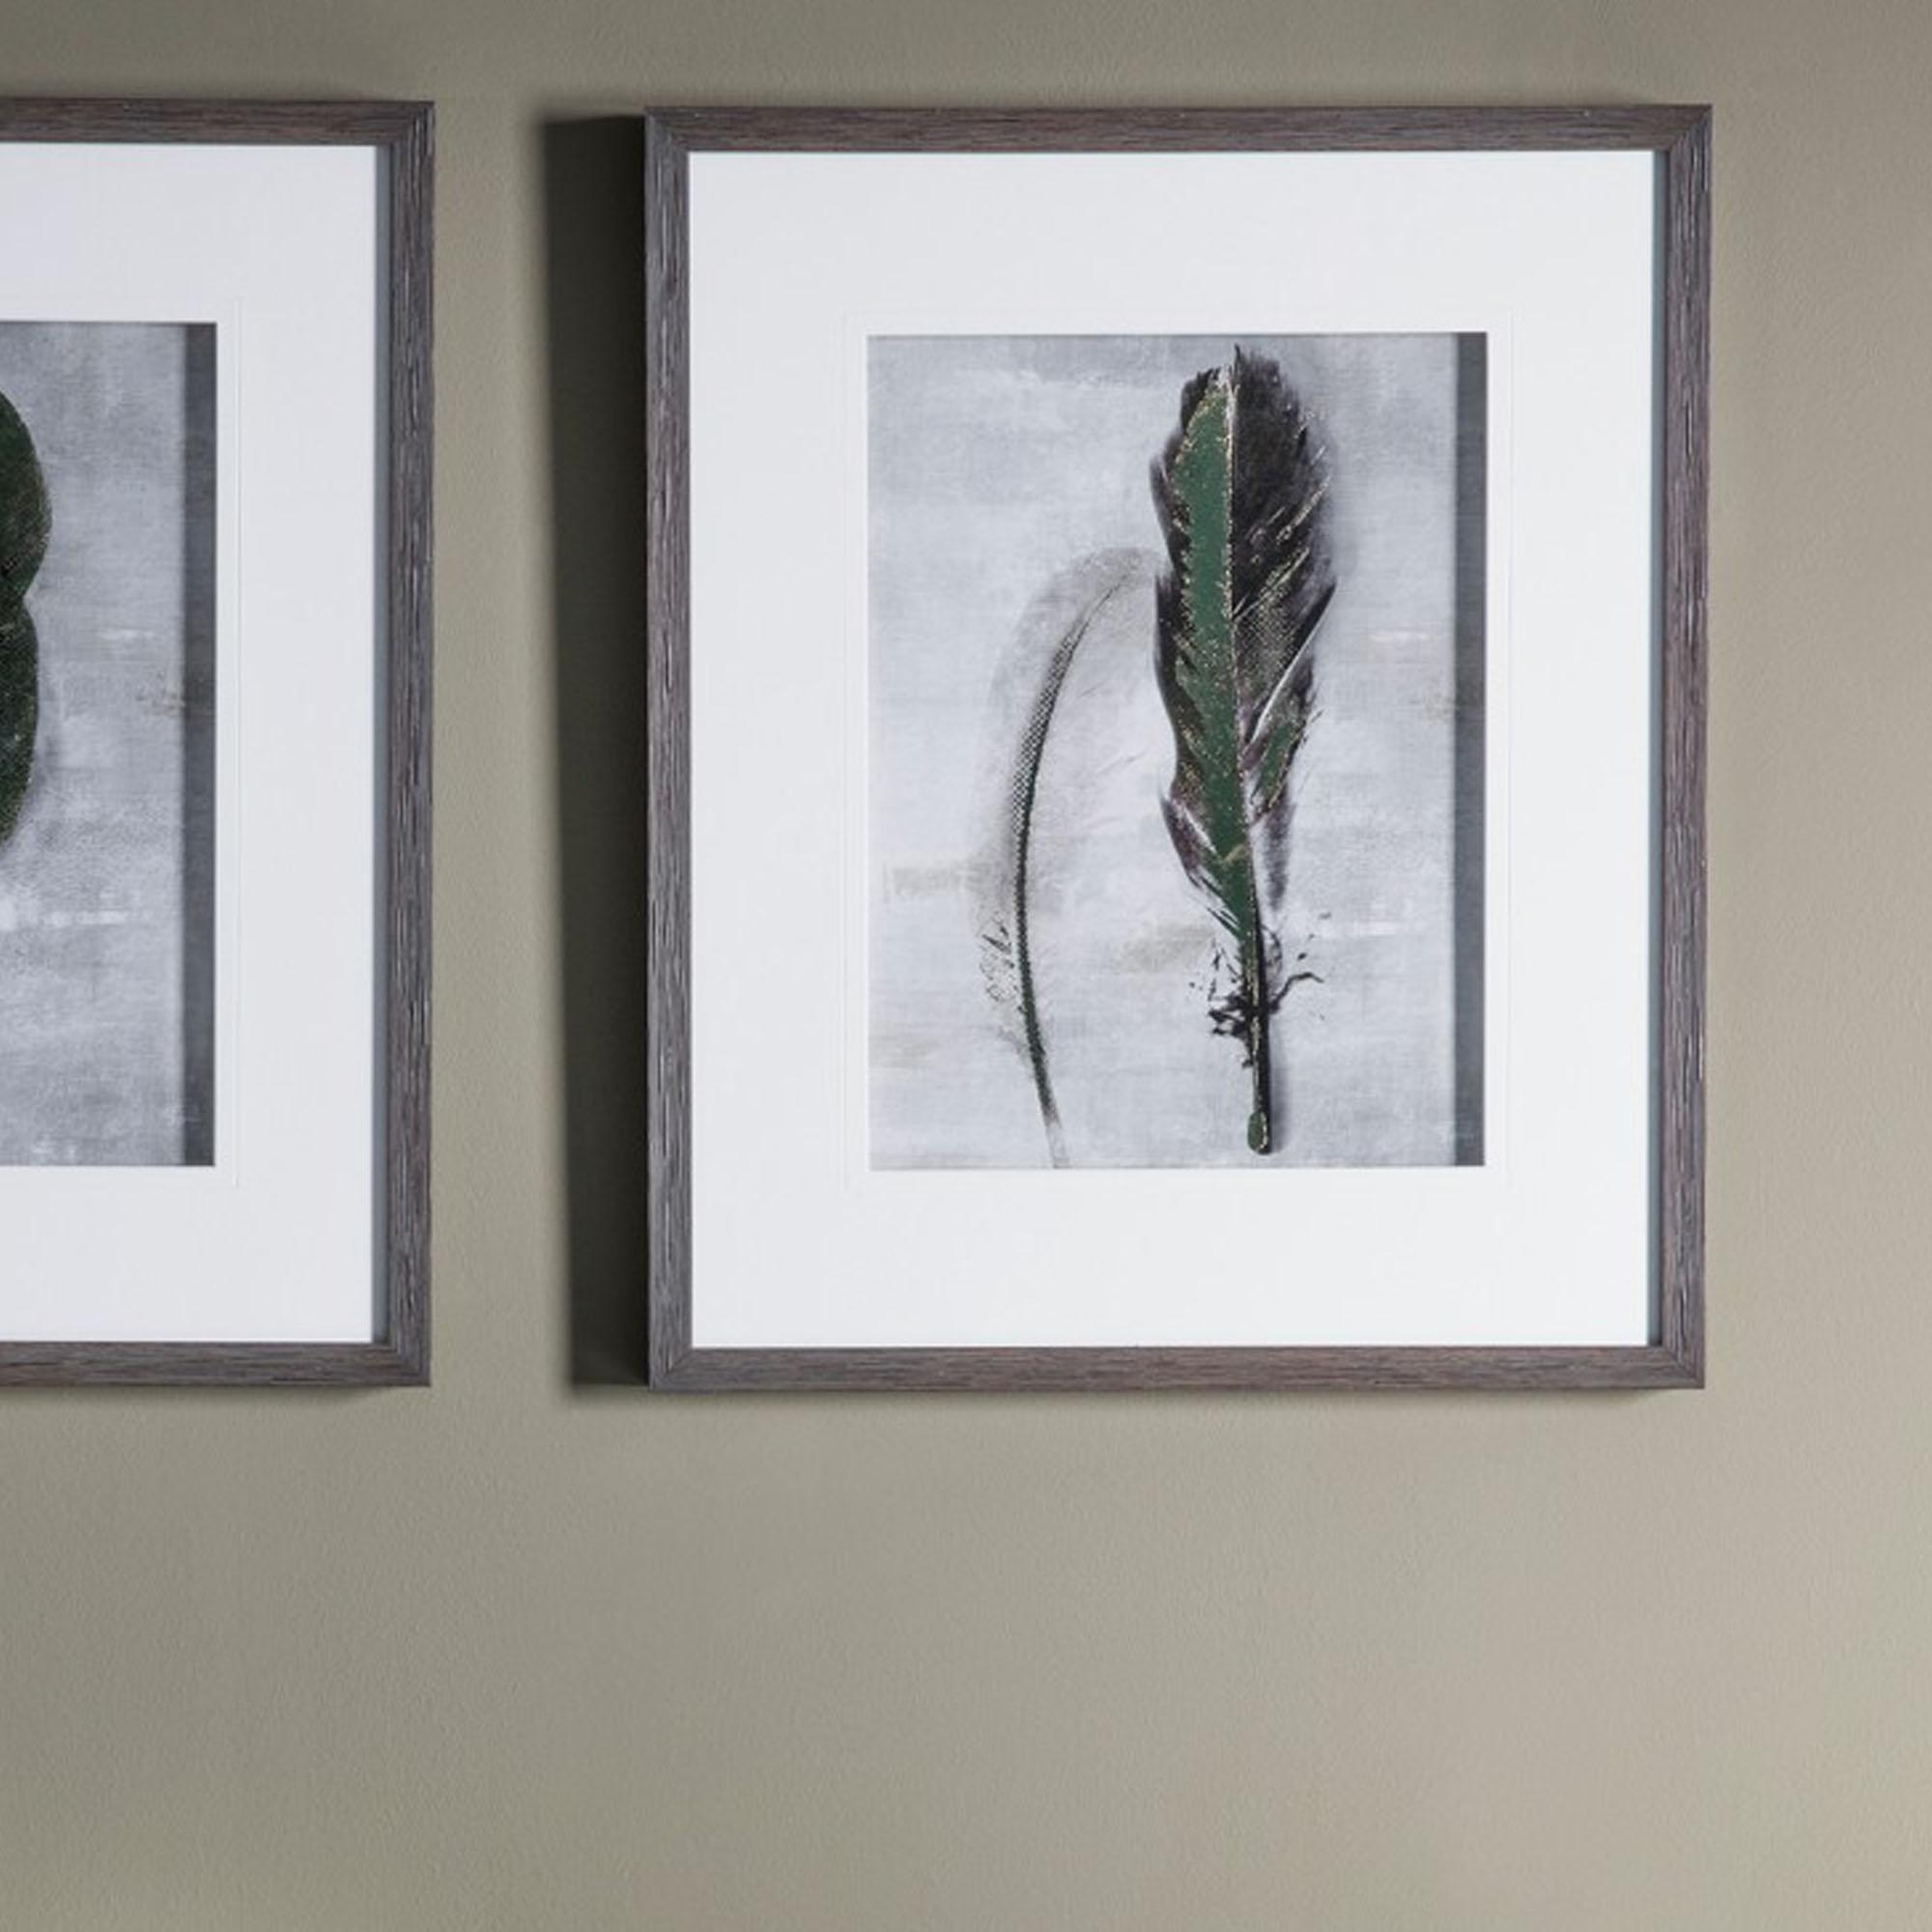 Feather 2 Framed Art Framed Art Homesdirect365